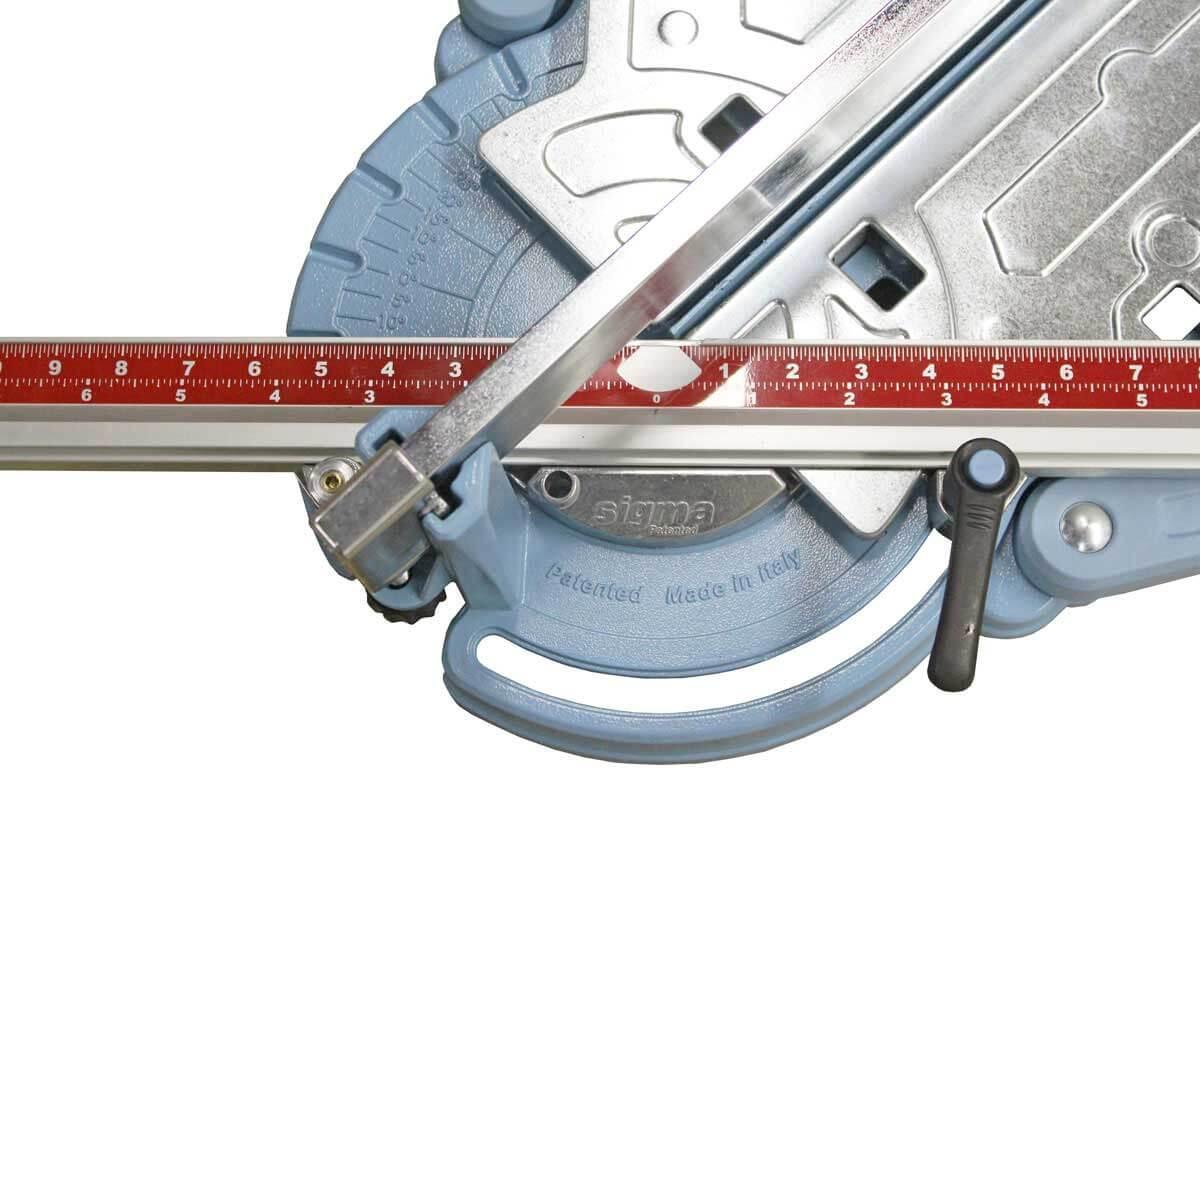 Sigma Tile Cutter 3E4M Guide